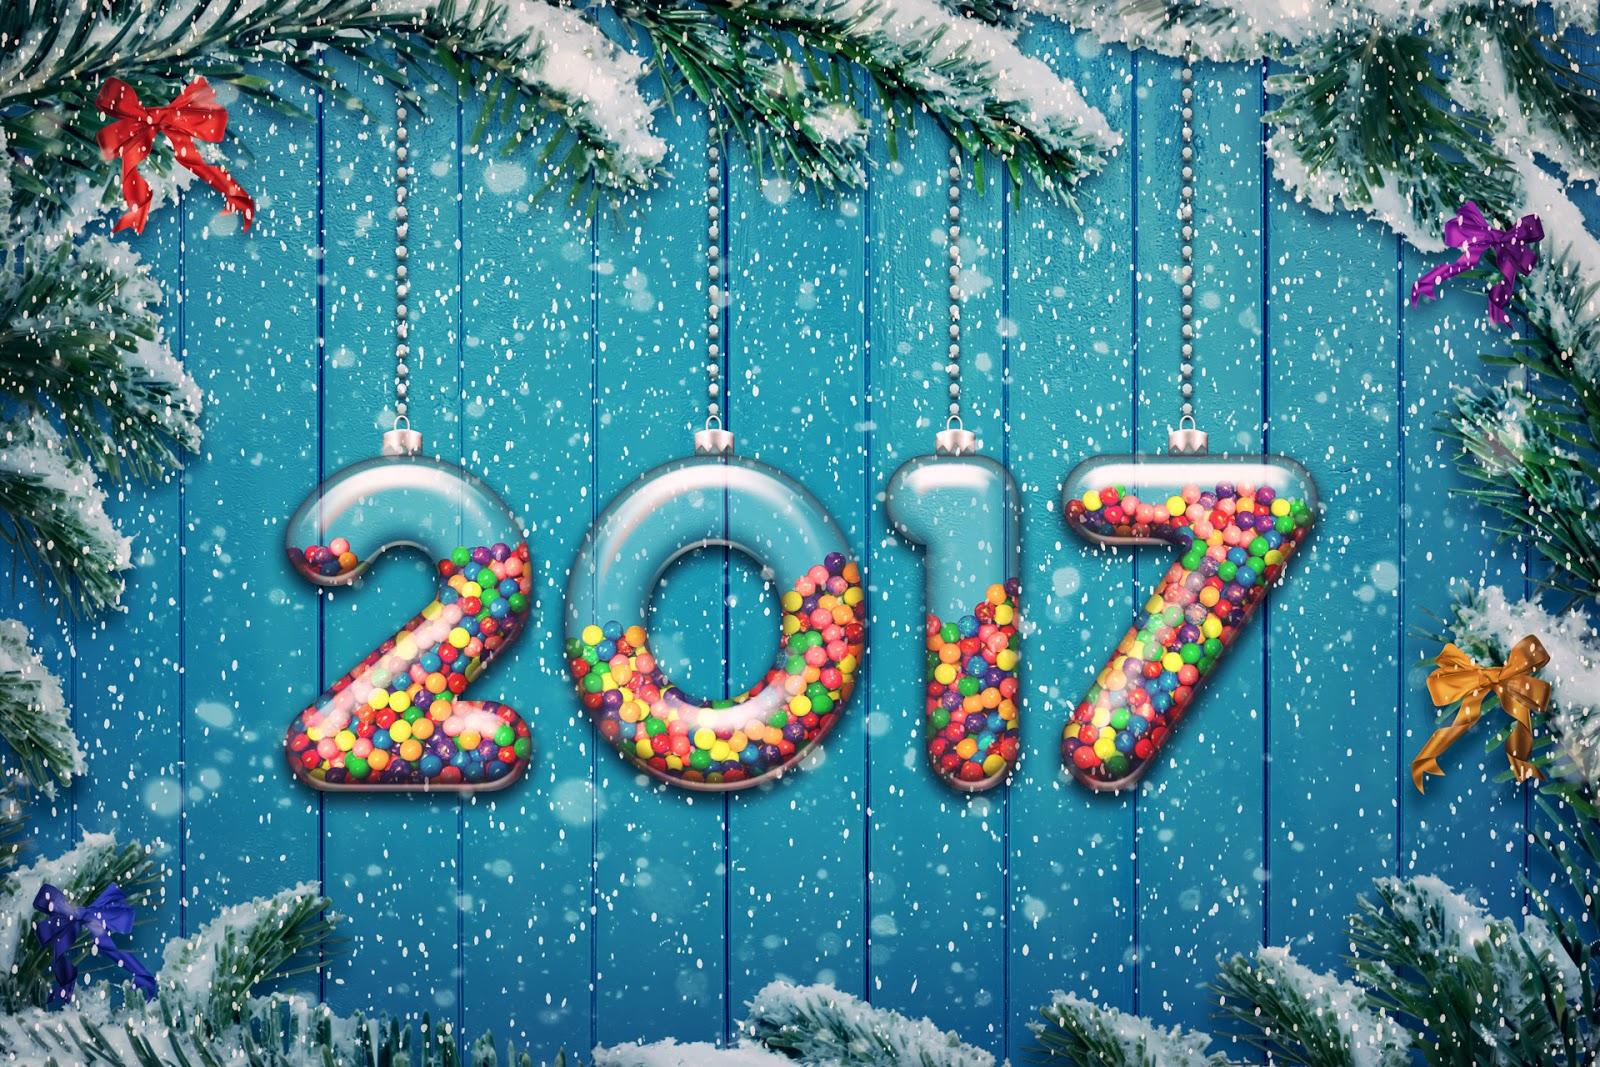 Hình nền tết 2017 đẹp chào đón năm mới - hình 01